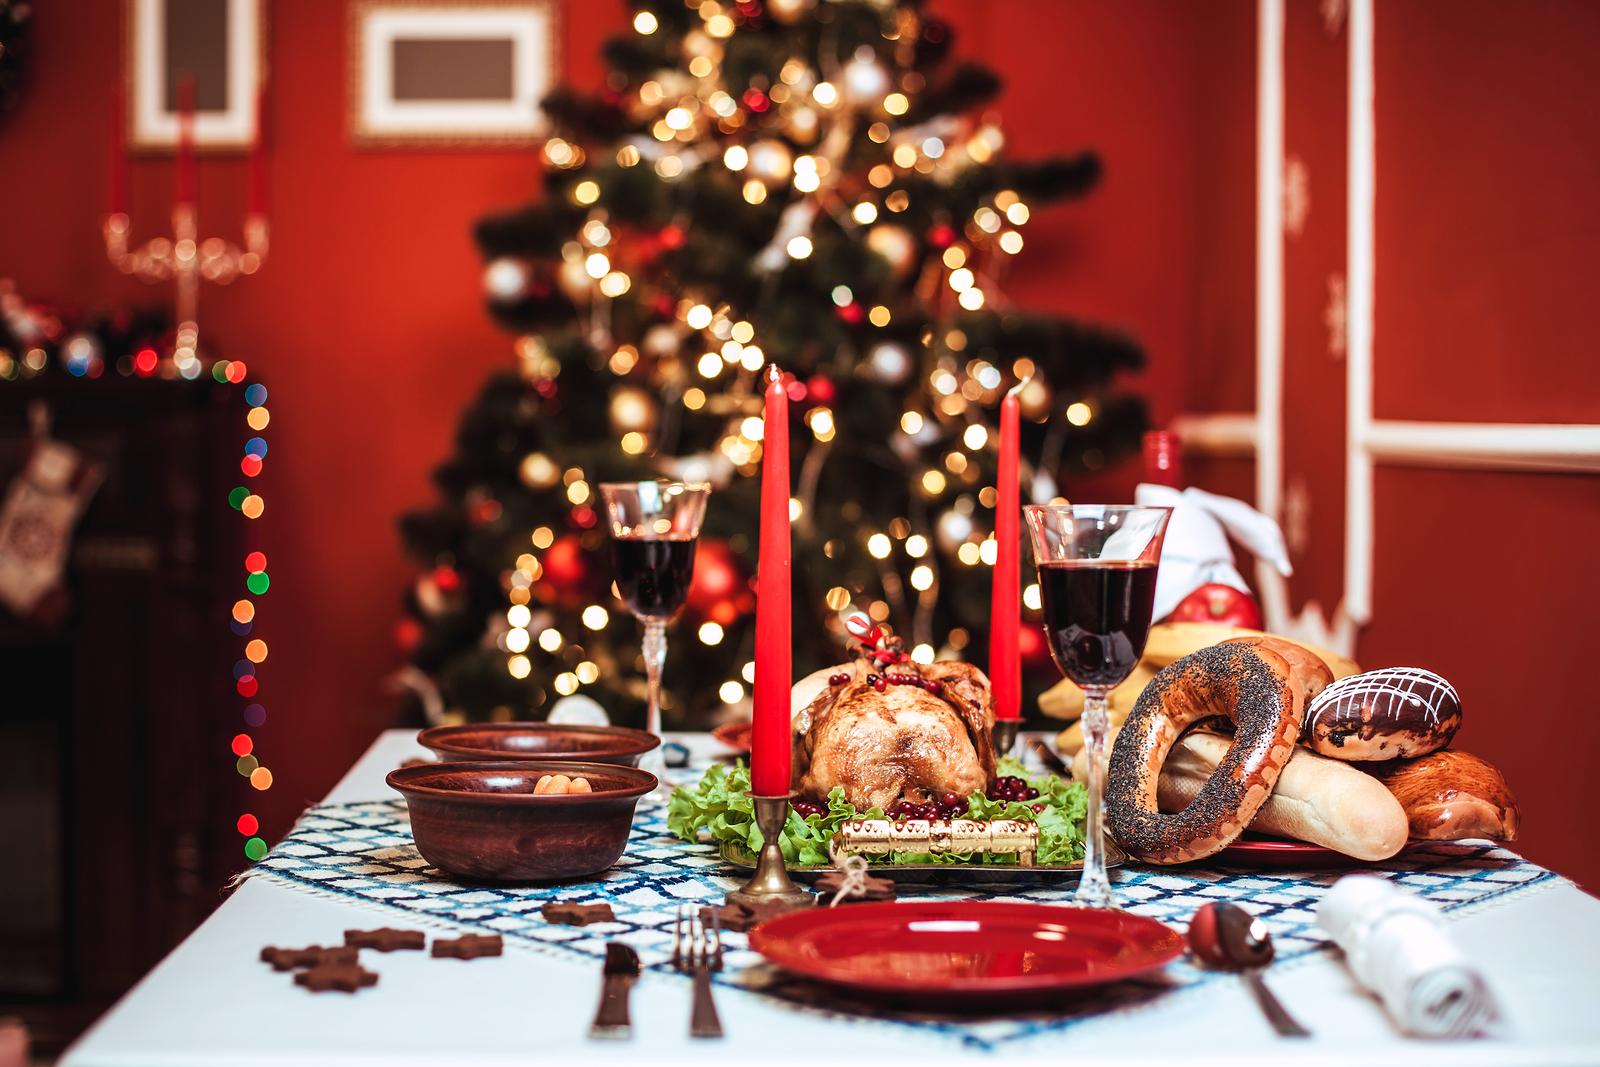 Arredare Tavola Natale creatività a natale: come apparecchiare la tavola per le